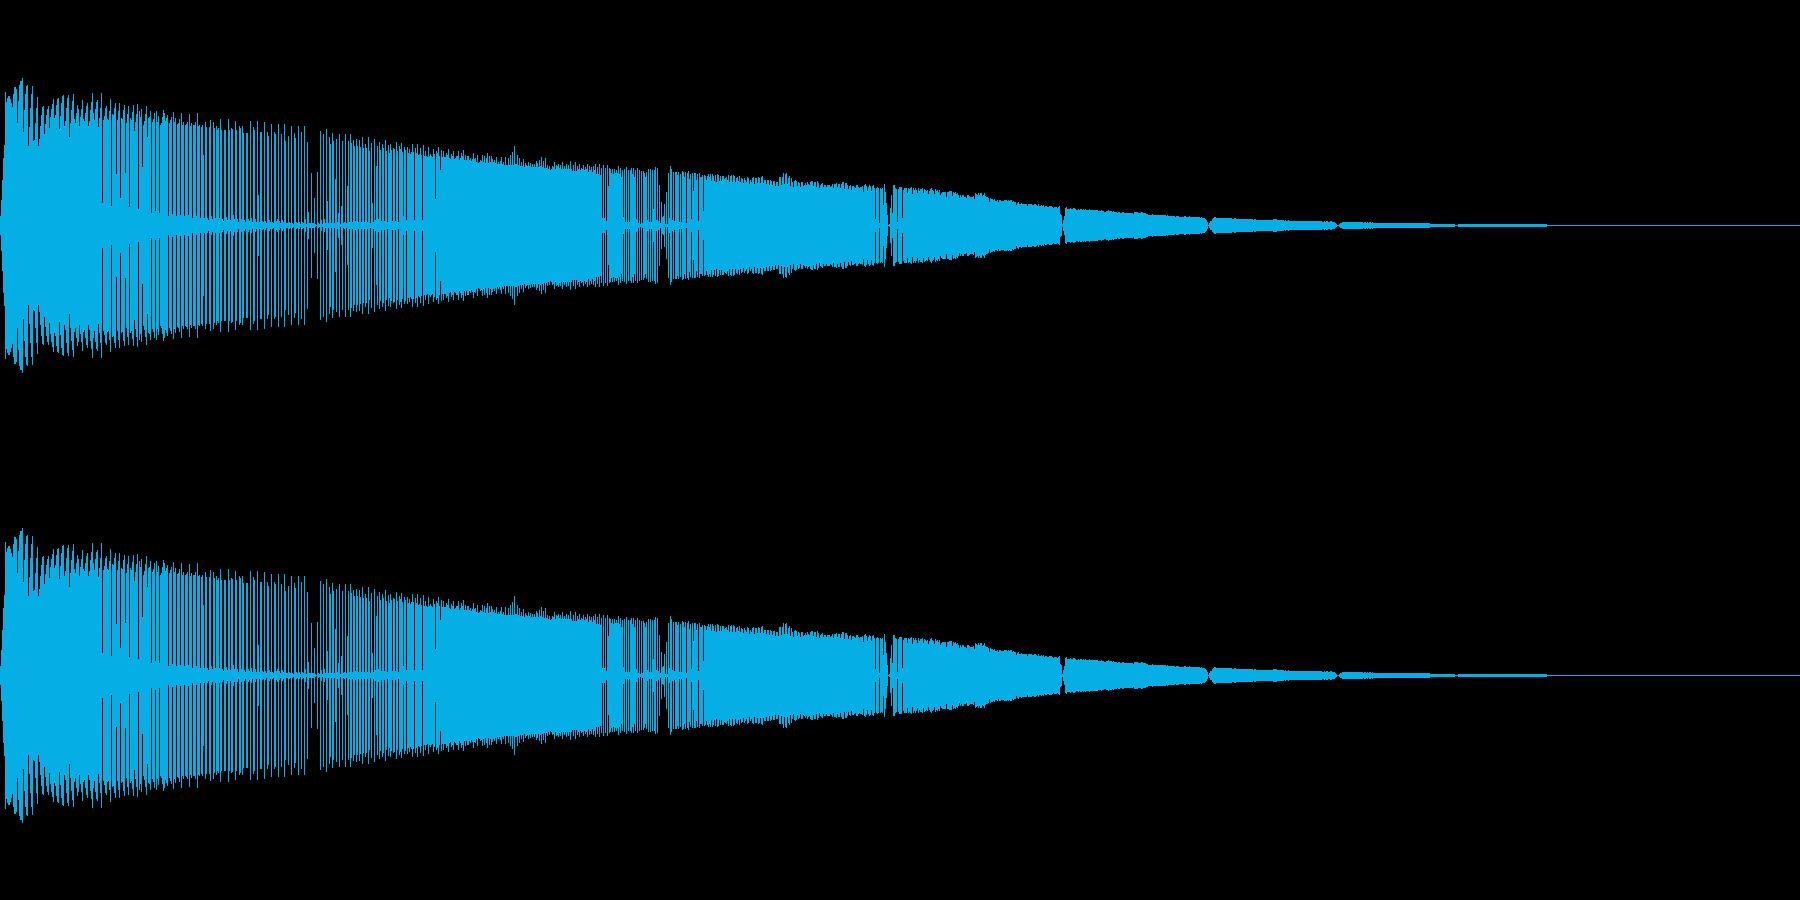 レトロゲームにありそうな上昇音の再生済みの波形